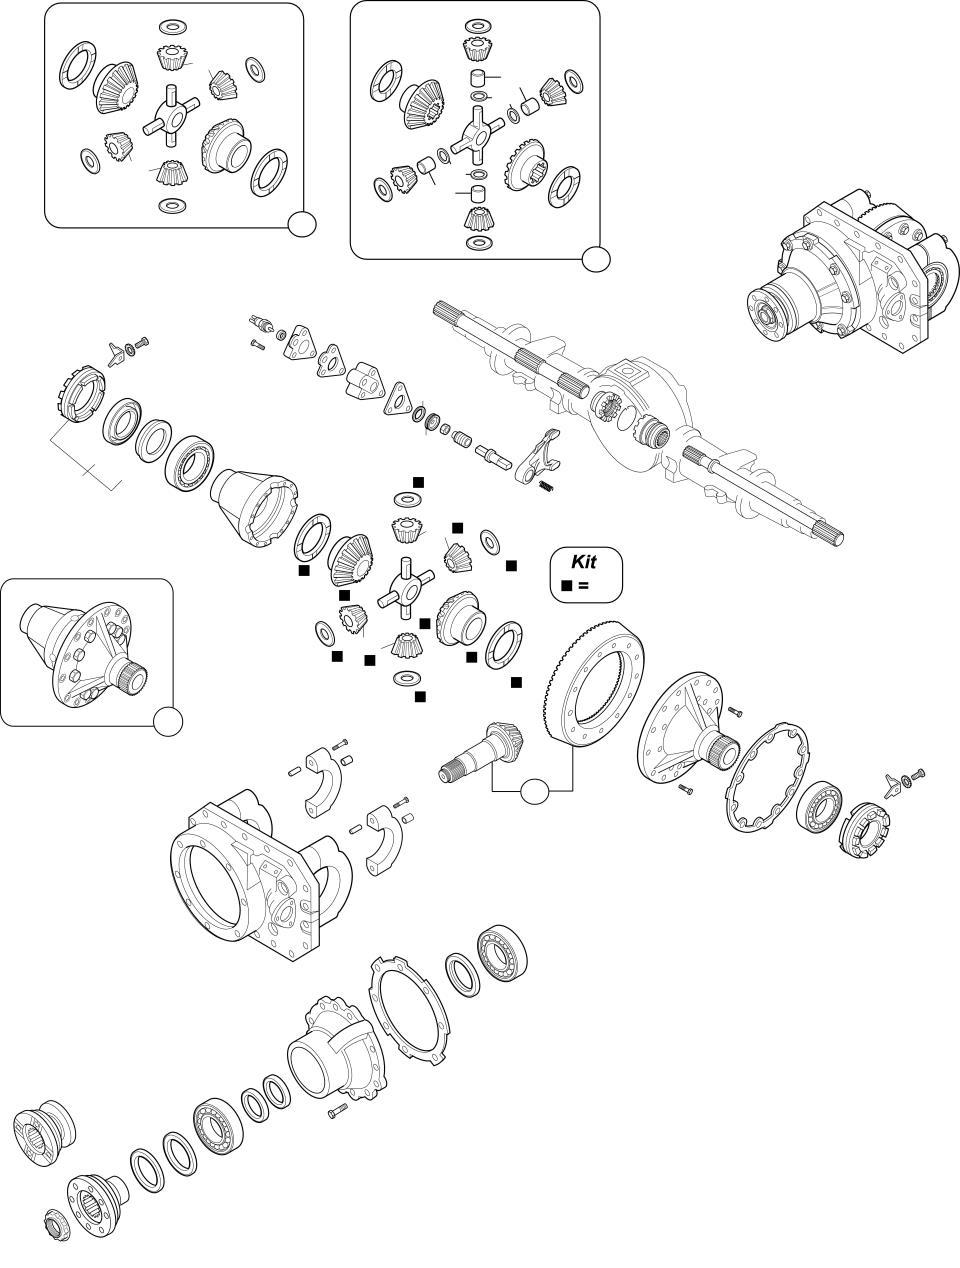 H7-1080 - H7-1380 - H9-1180 (Μικρό Διαφορικό ΕΥΡΩΠΑ 11αρι)